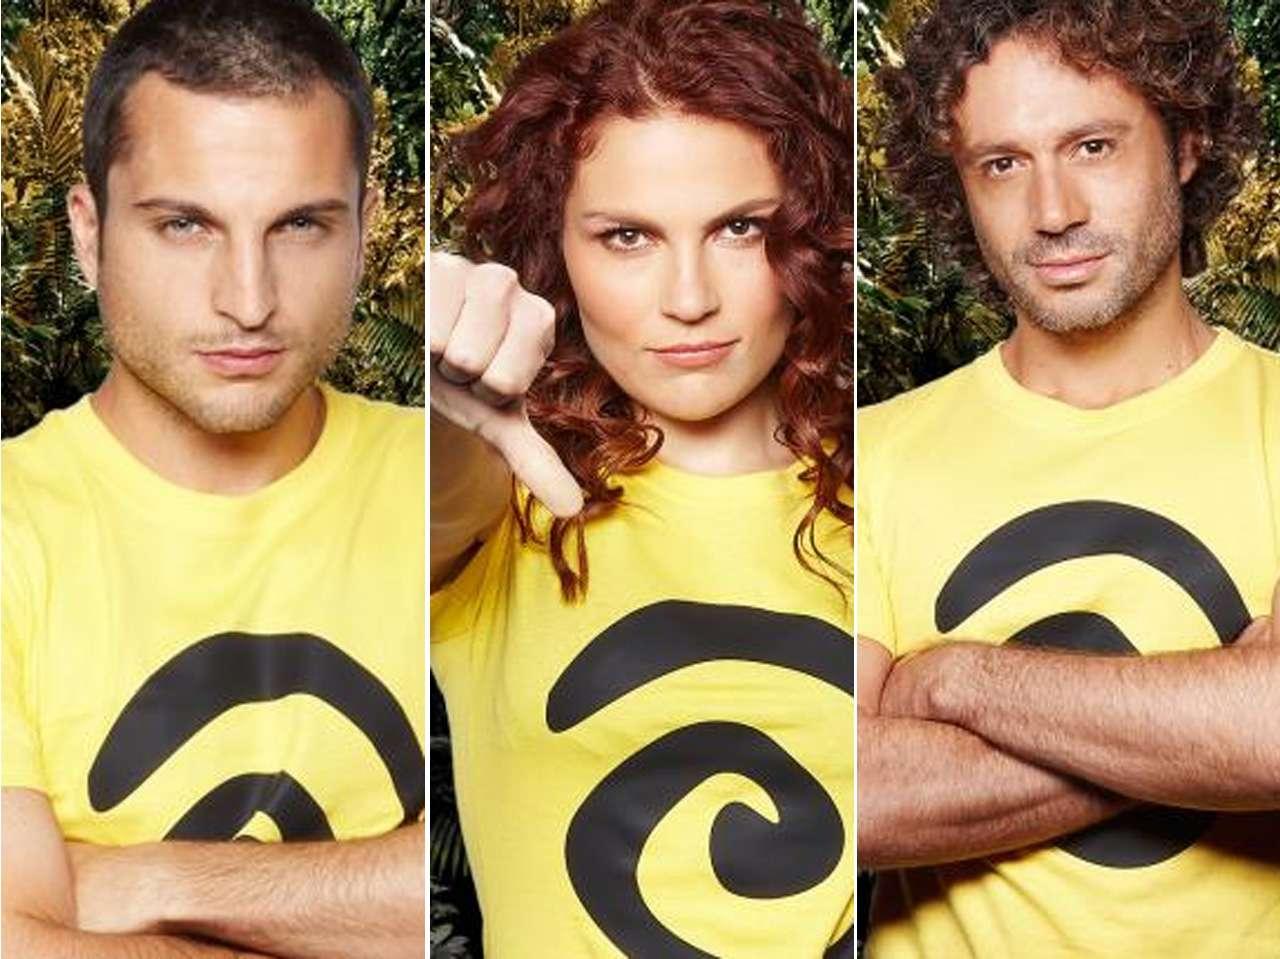 Enrique Manica, Delia García y Francisco Covarrubias, ¿quiénes son los finalistas? Foto: TV Azteca